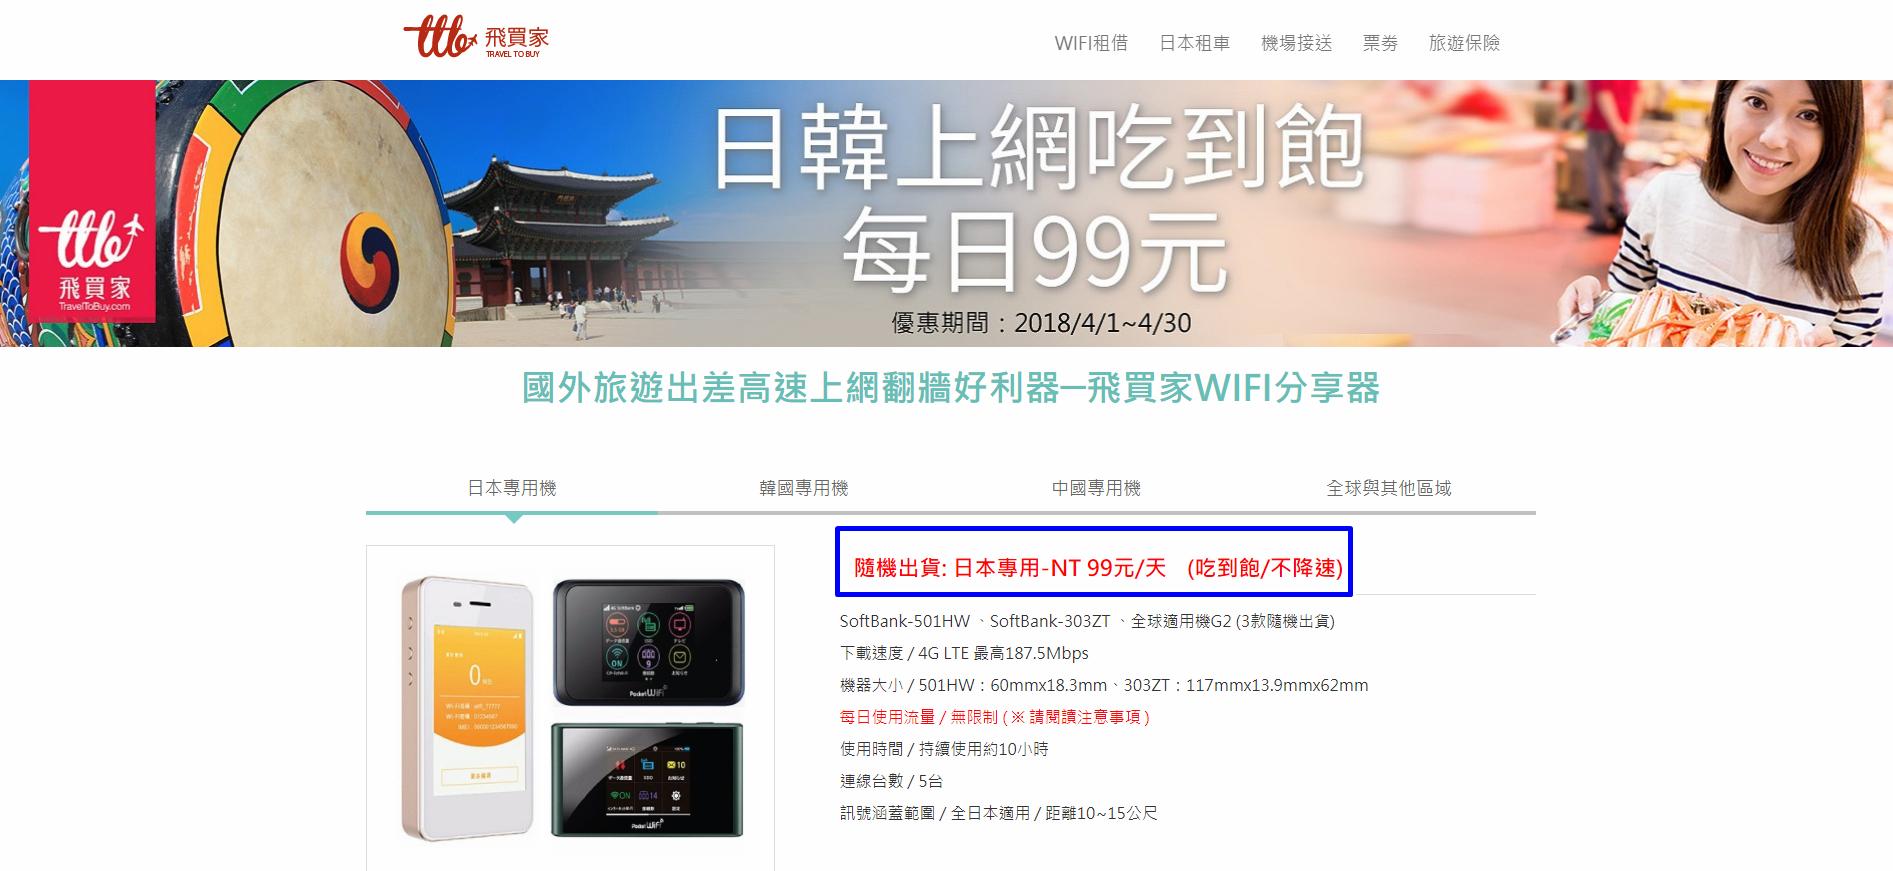 日本旅遊 沖繩旅遊 日韓上網WIFI 飛買家